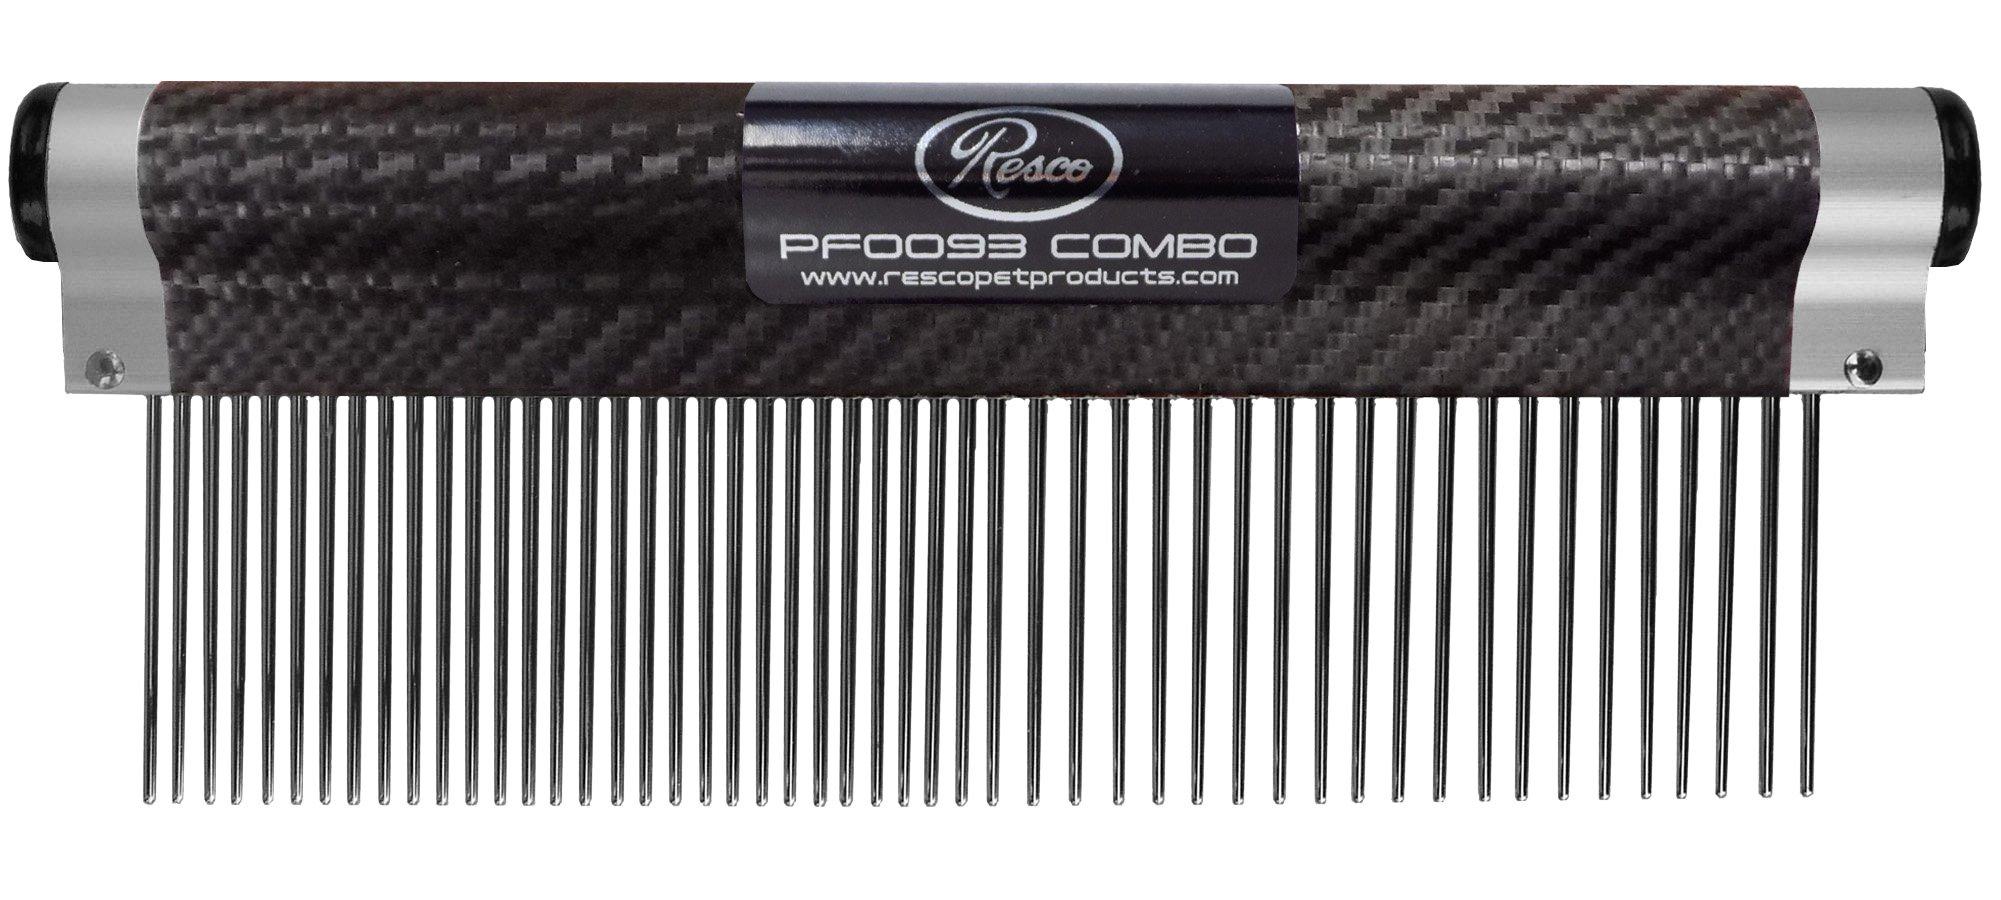 Resco USA-Made Wrap Comb for Pets, Combination, Carbon Fiber by Resco